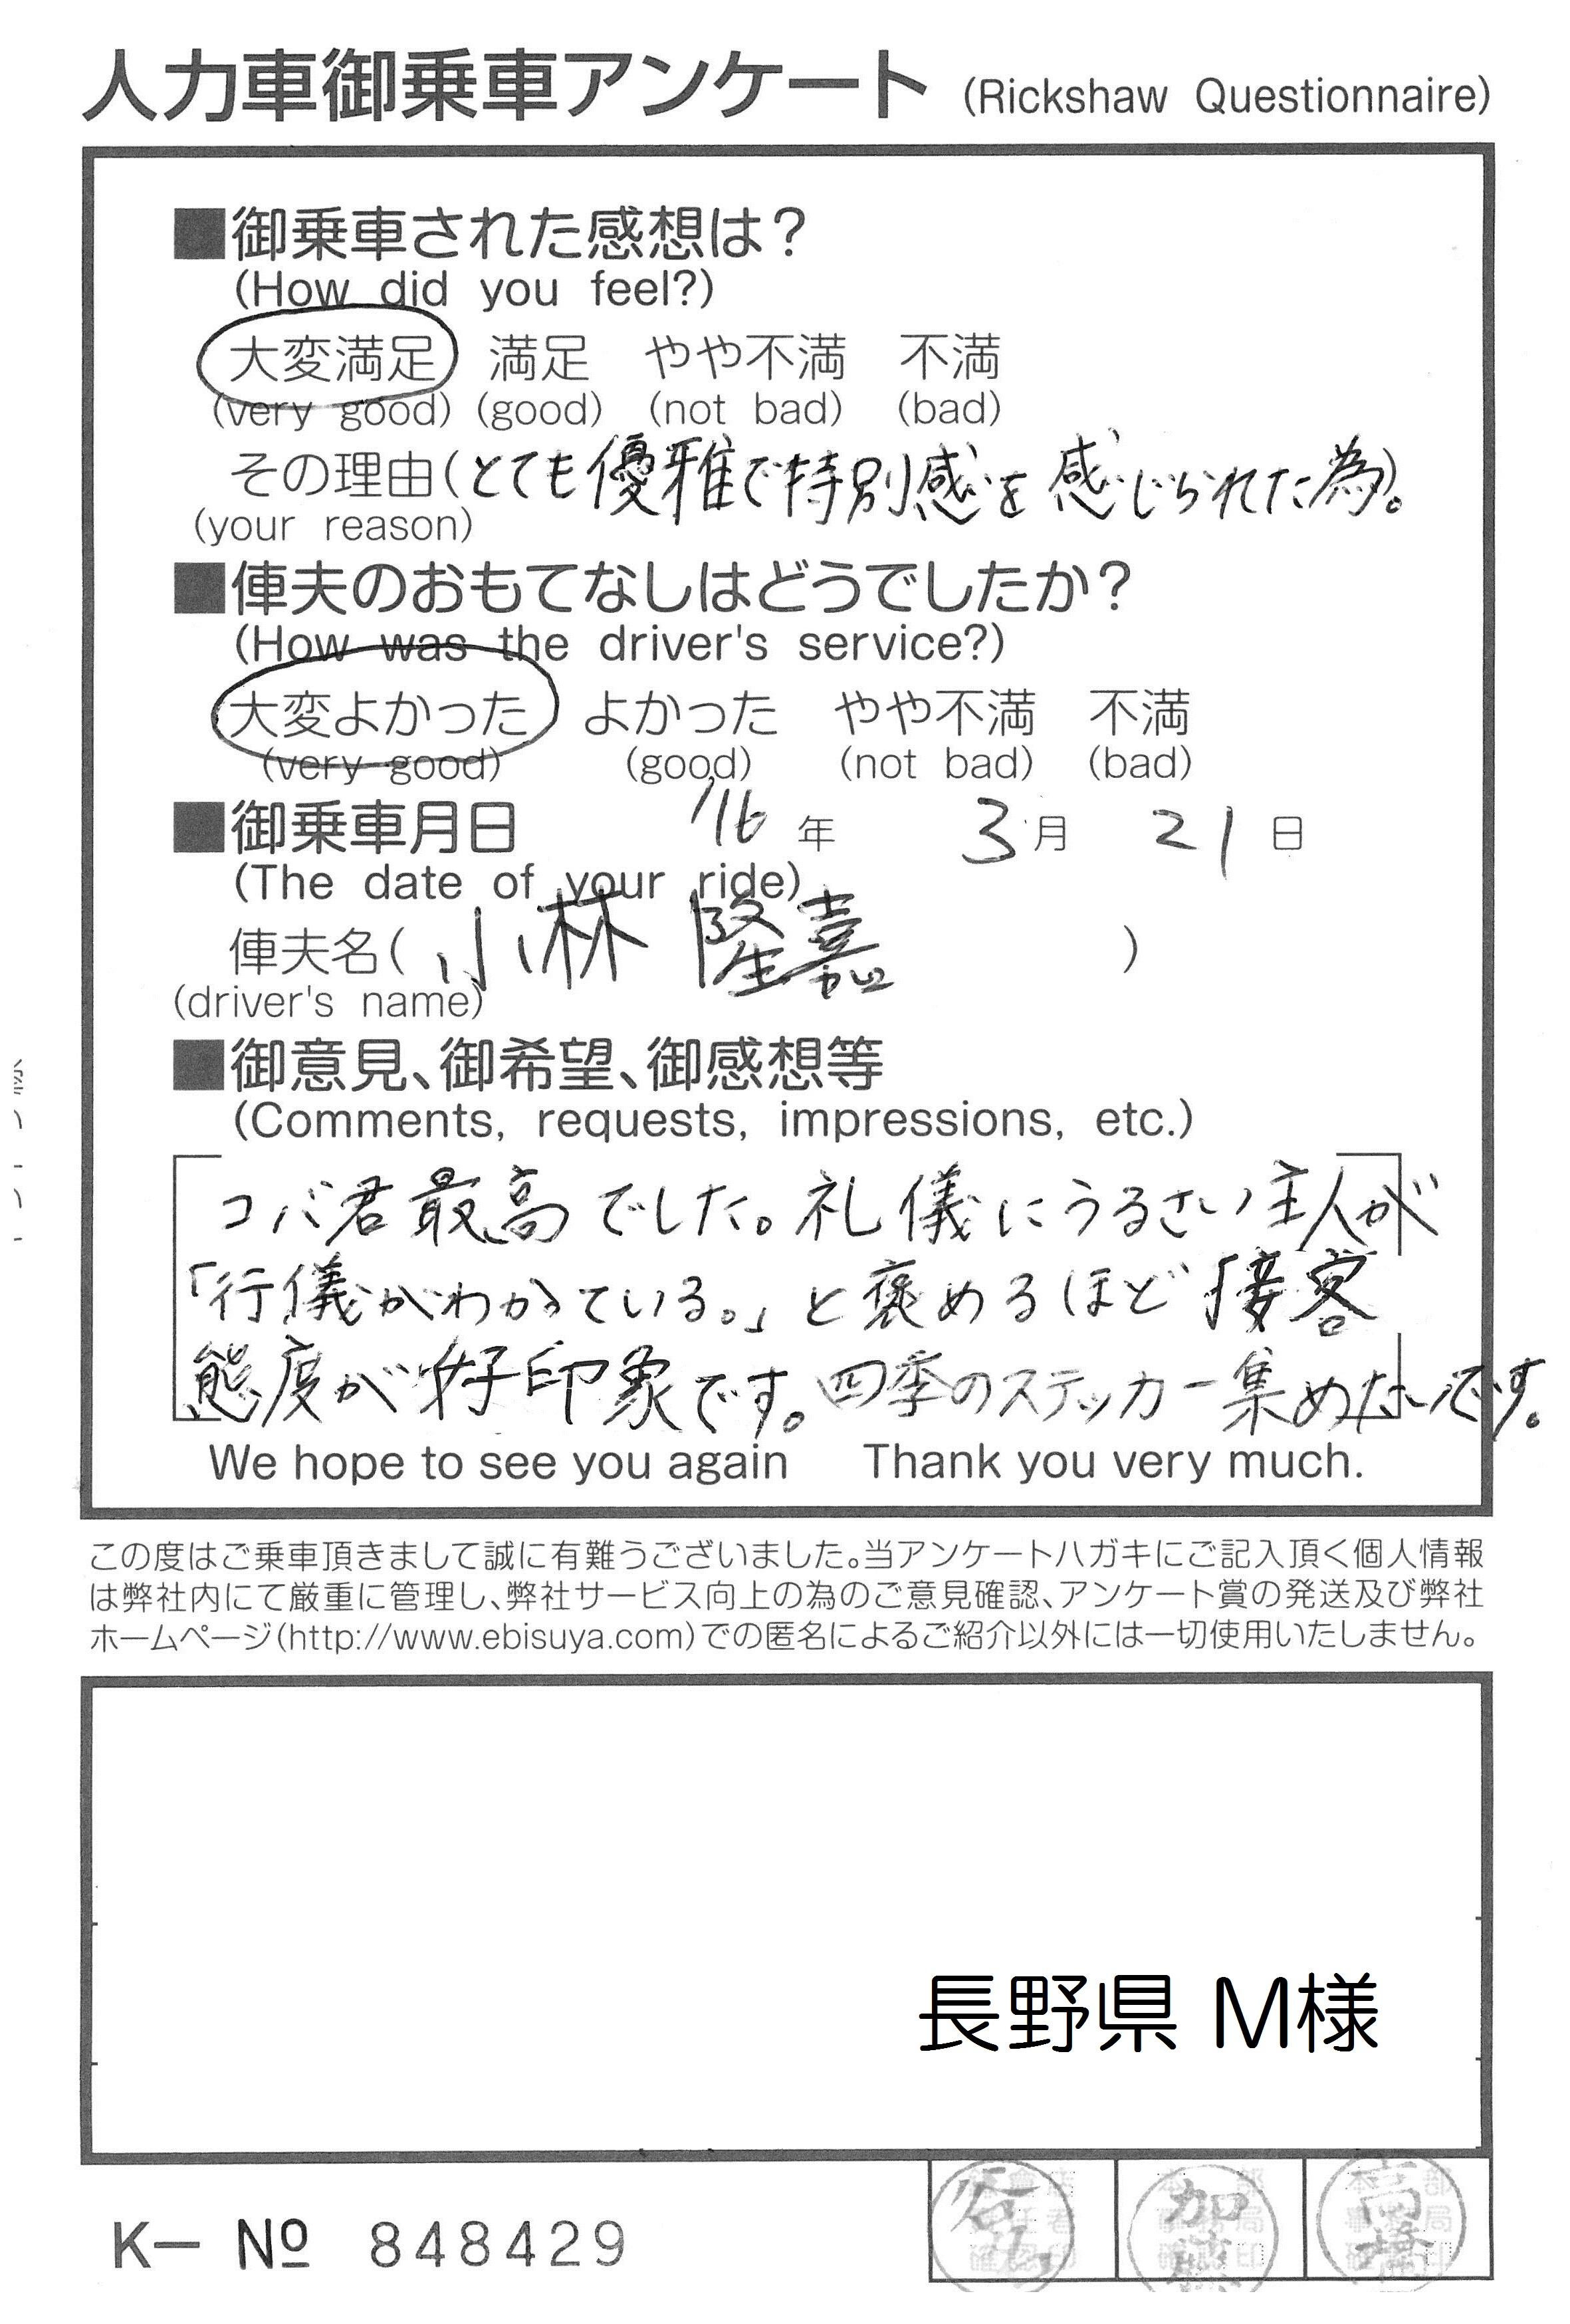 長野県 M様